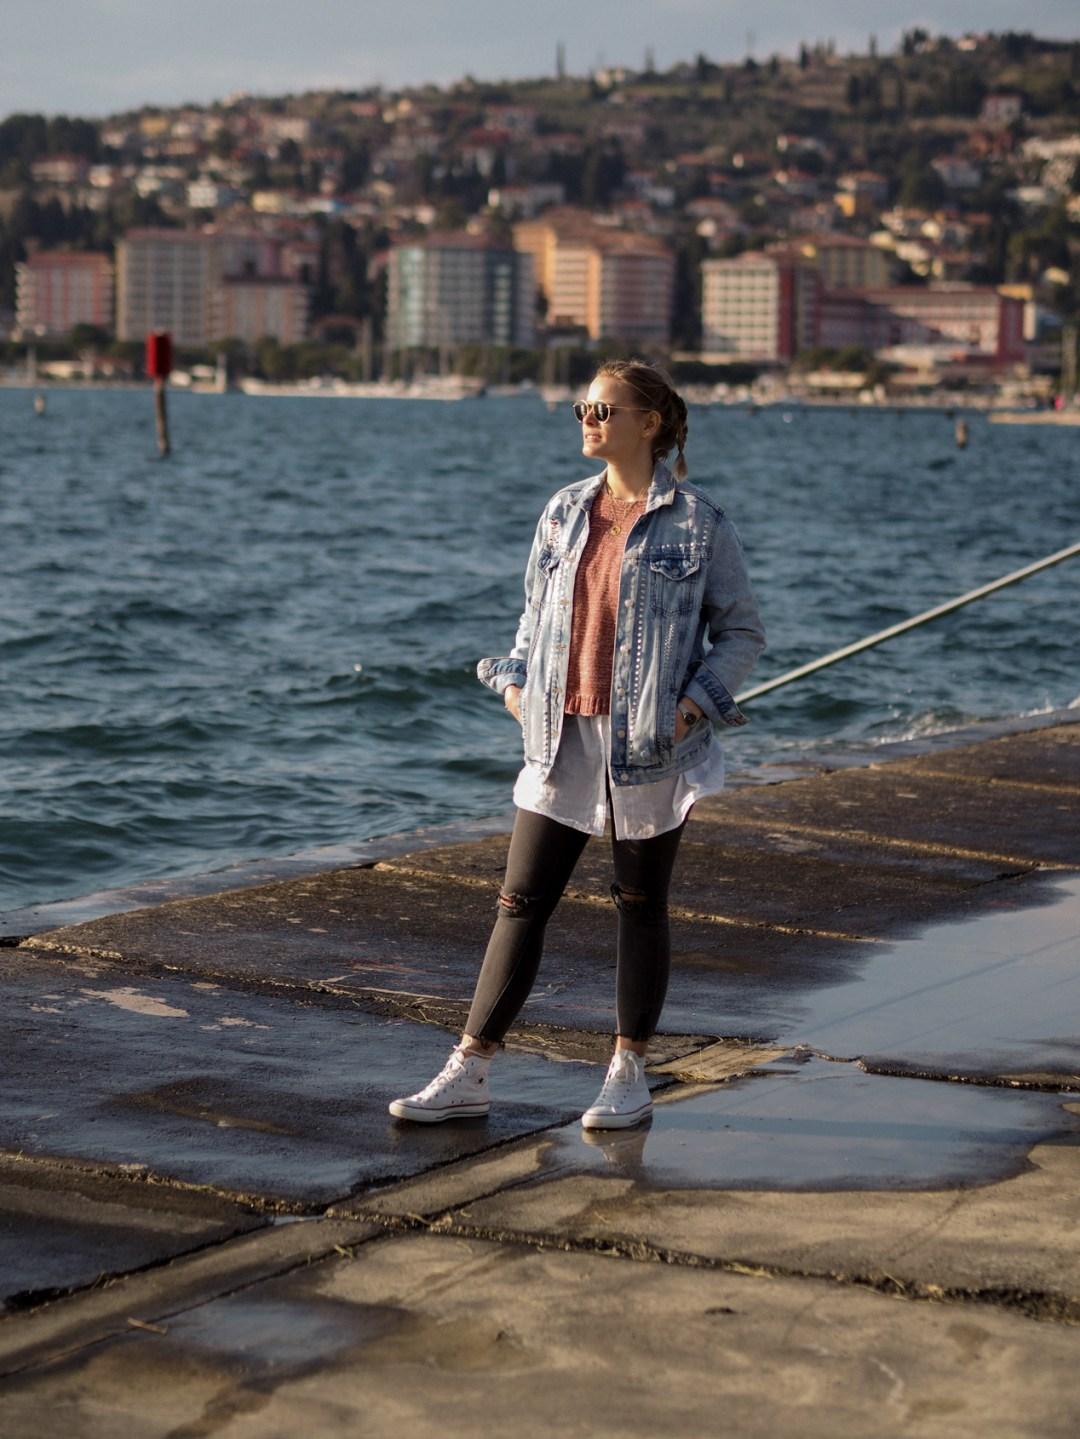 Jeansjacke kombinieren, layering, ripped jeans kombinieren, Converse kombinieren, streetstyle, fashion, outfit, stylen, www.lakatyfox.com